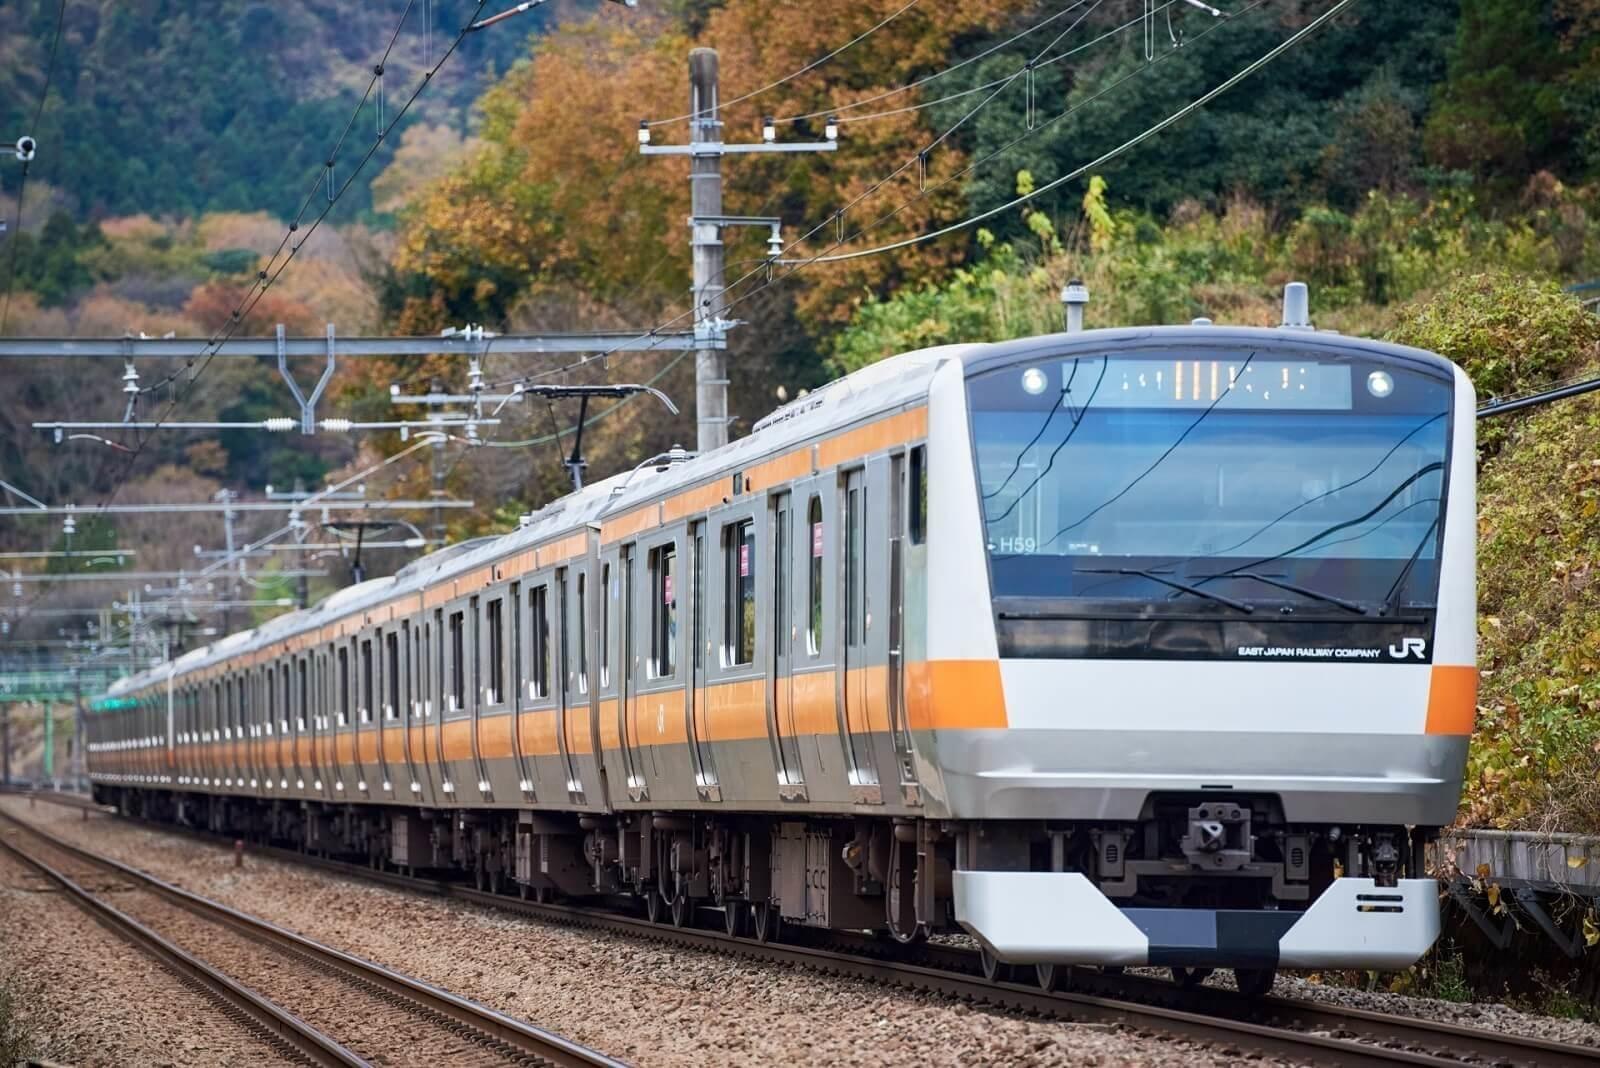 電車での出張の注意点。動く電車の描写